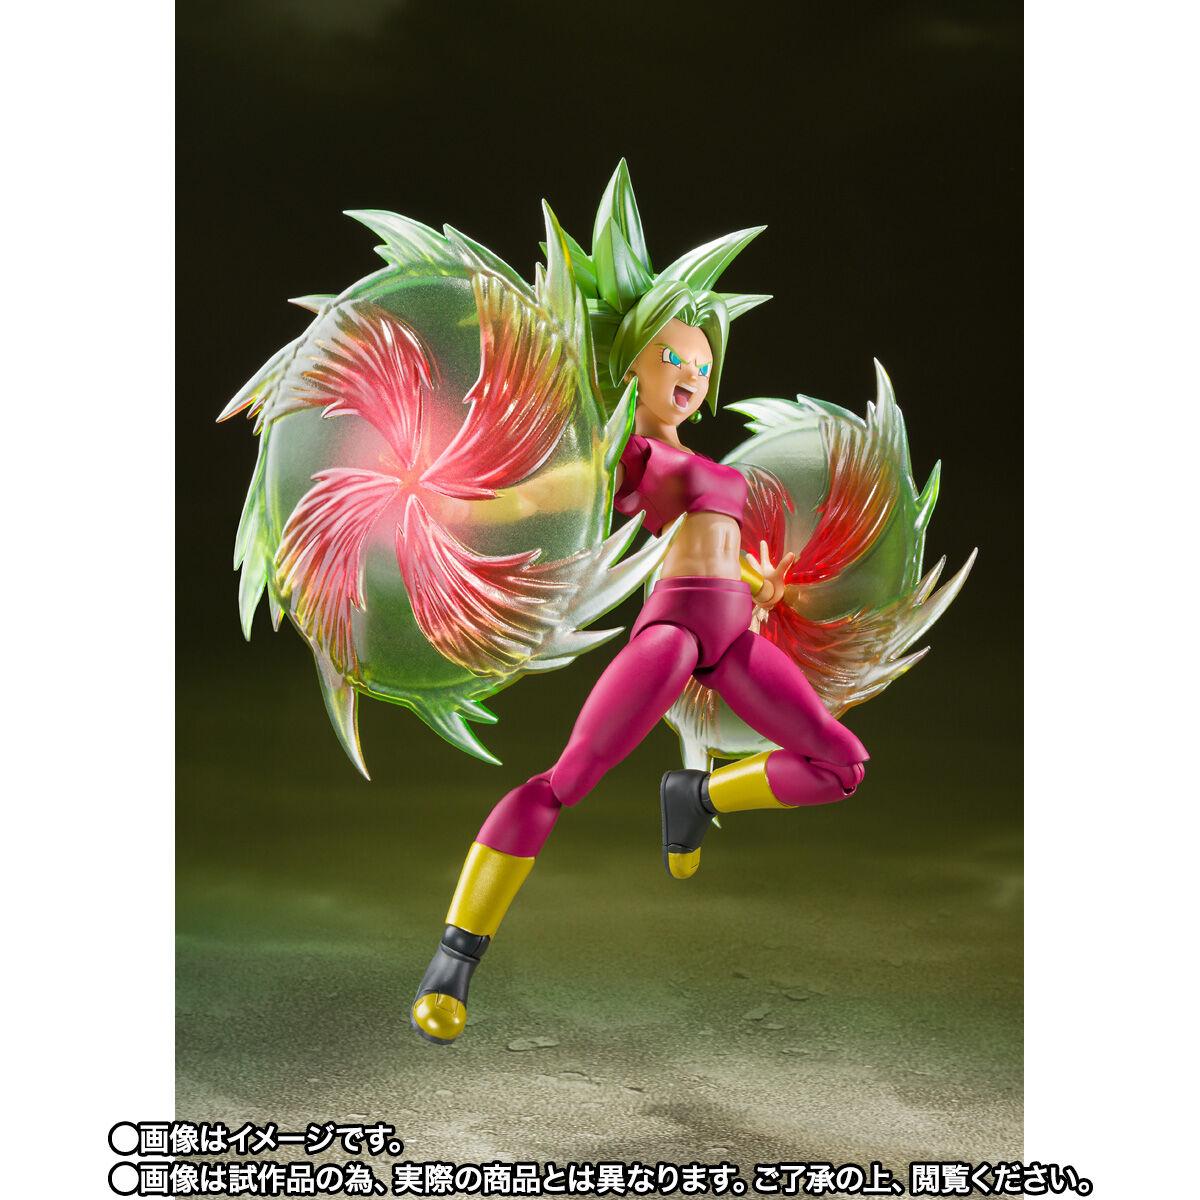 【限定販売】S.H.Figuarts『スーパーサイヤ人ケフラ』ドラゴンボール超 可動フィギュア-002